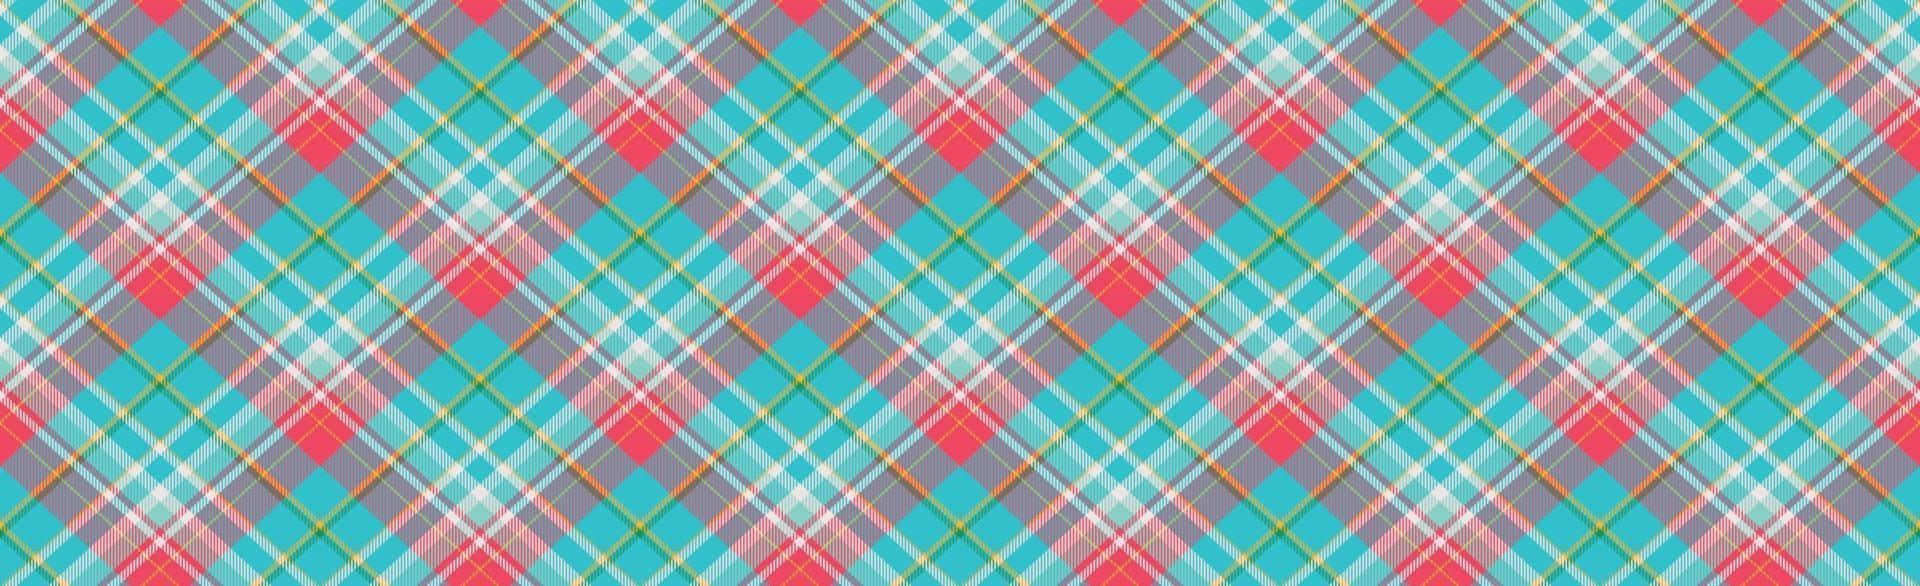 trama scozzese scozzese scozzese senza soluzione di continuità con rombi - vettore